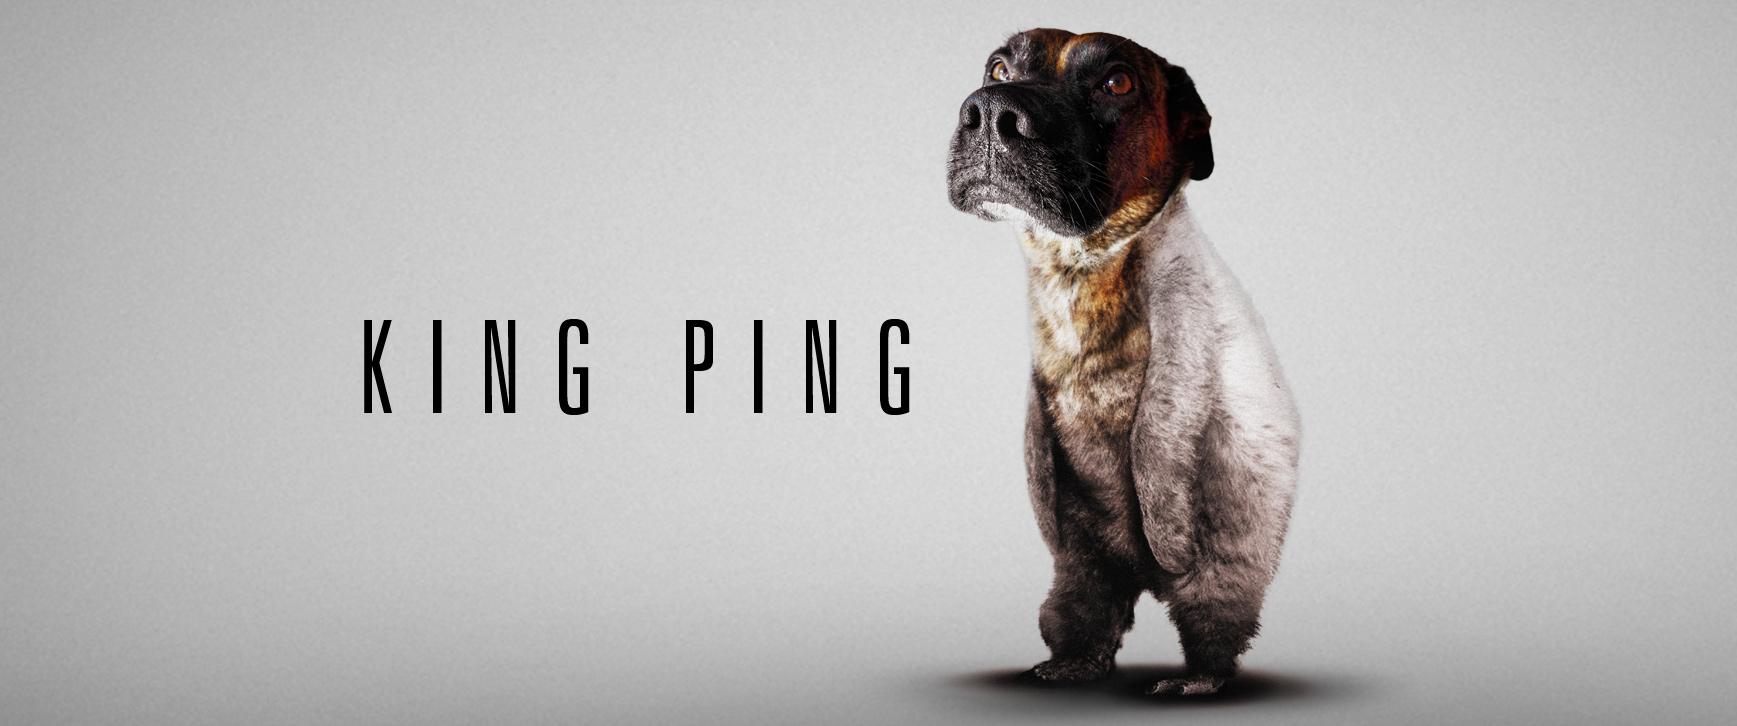 King Ping Shirts